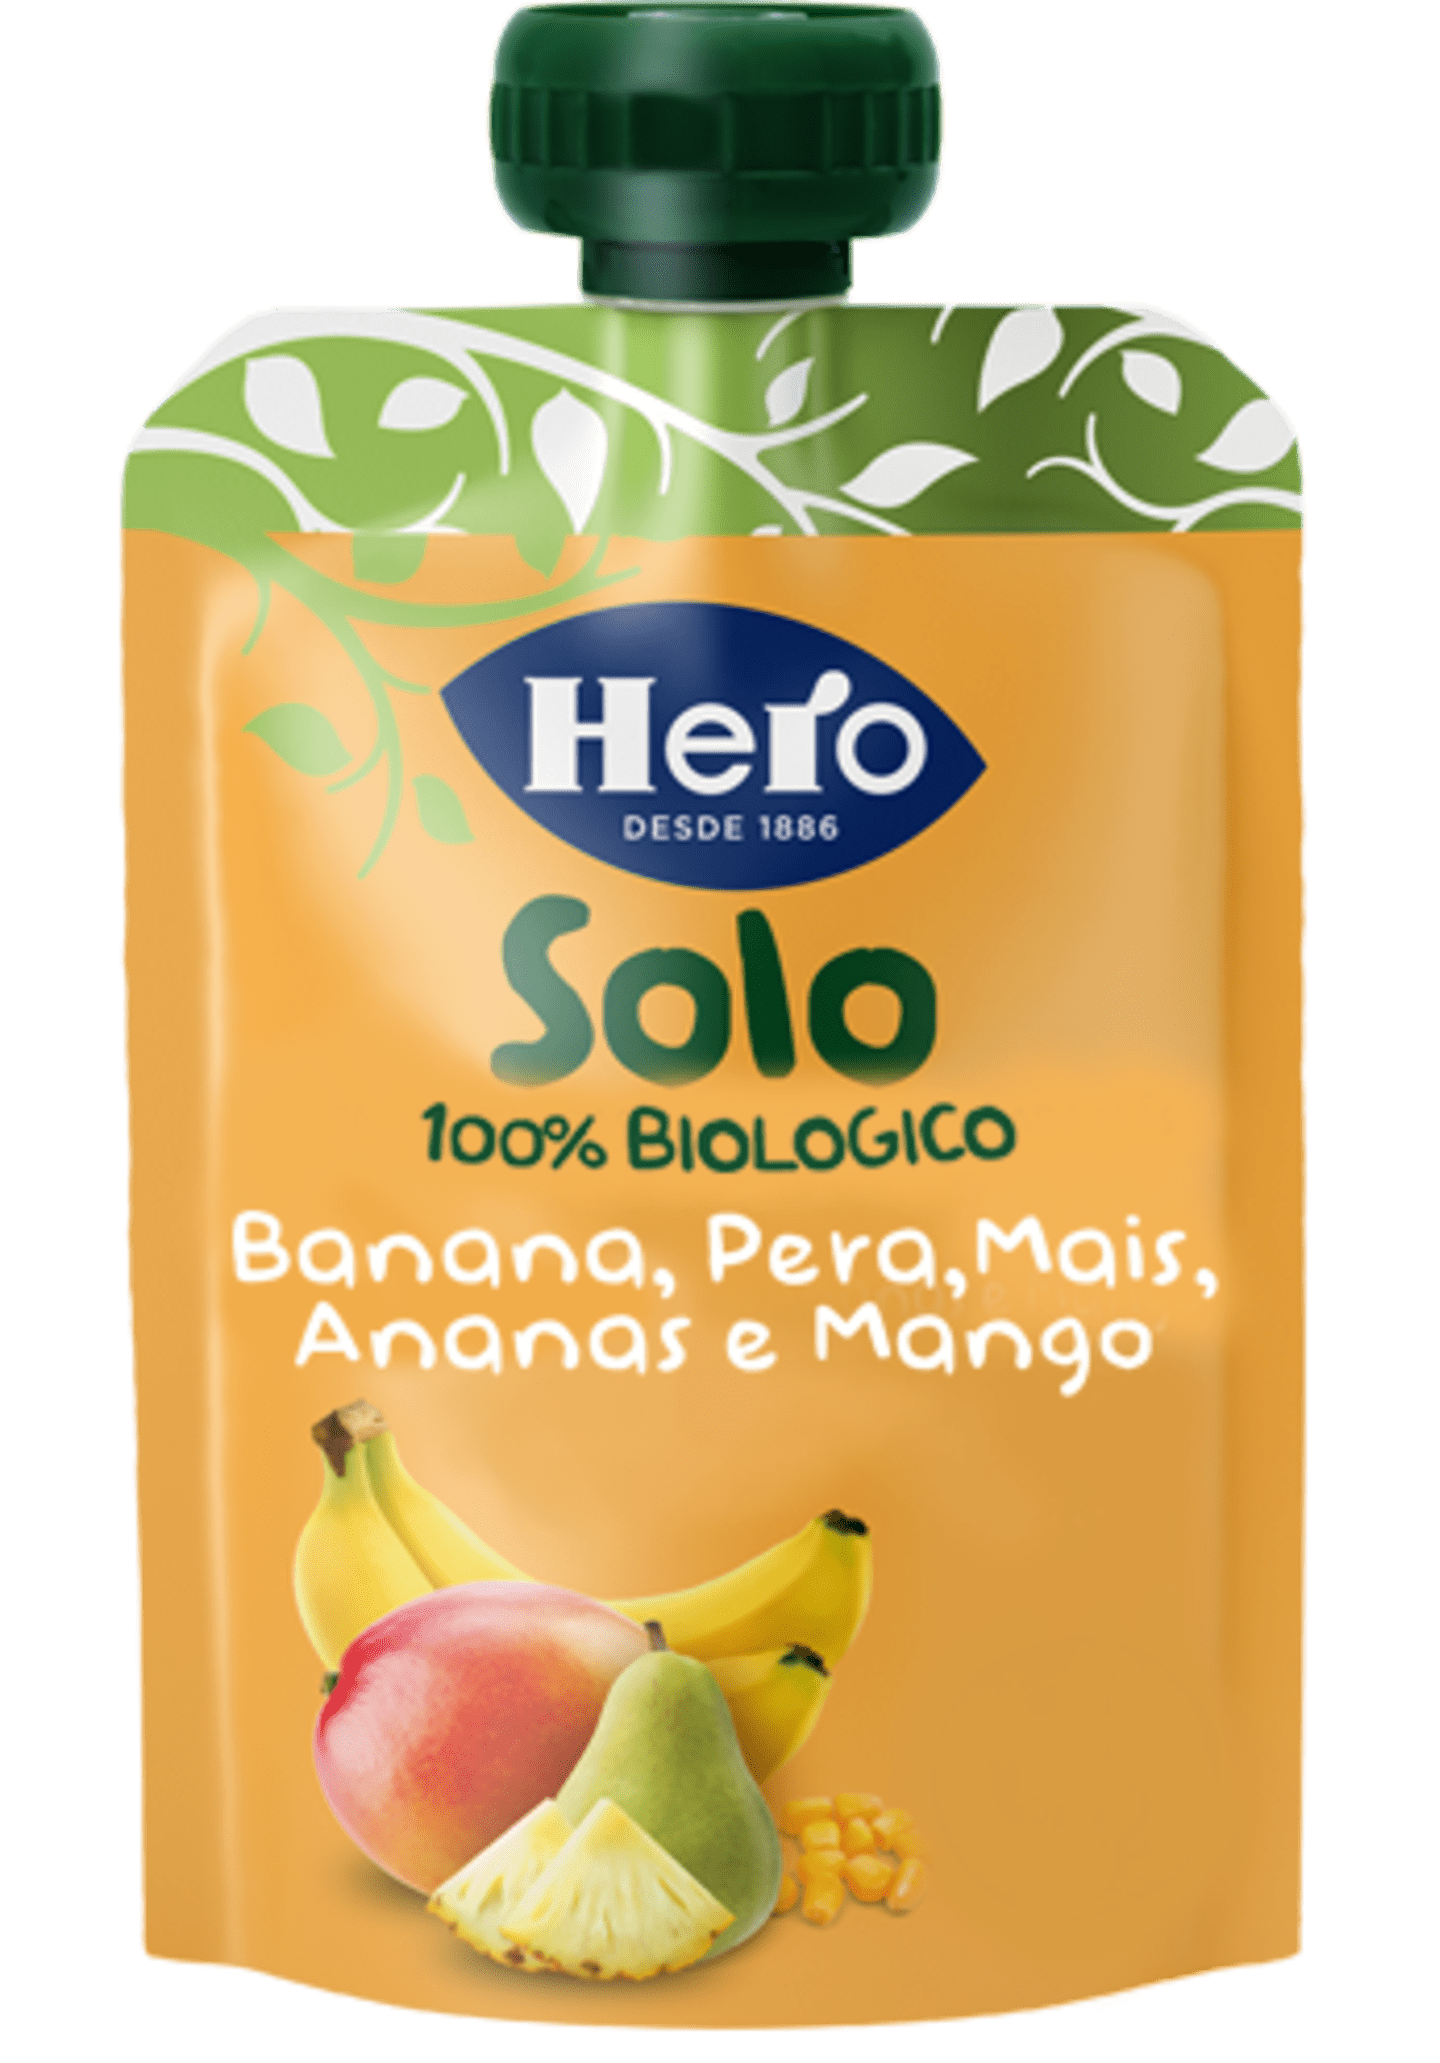 Banana, Pera, Mais, Ananas E Mango Biologici